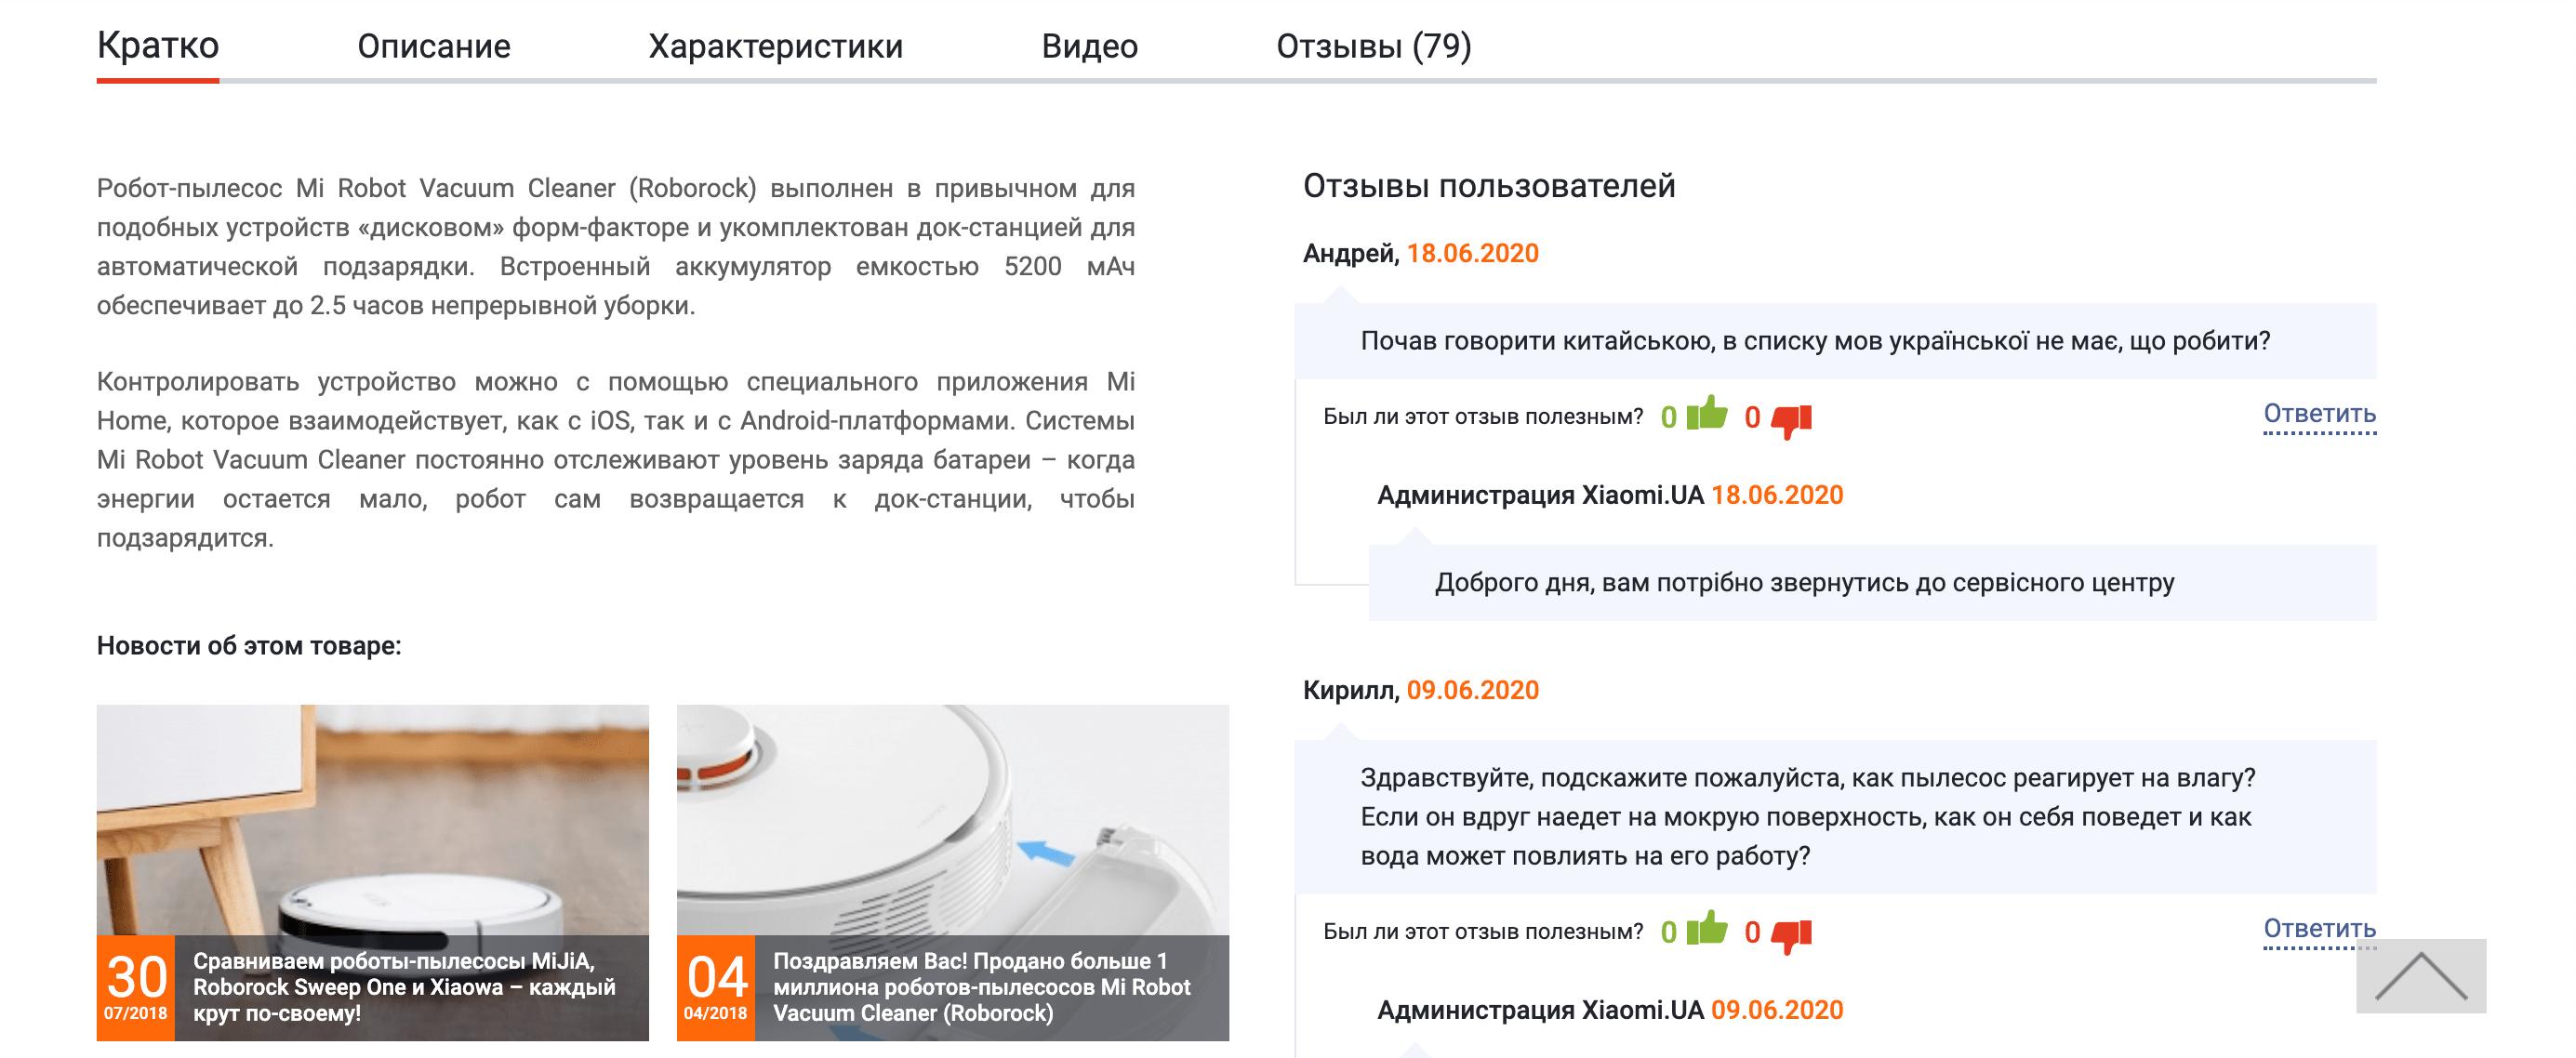 Пример сайта с детальной информацией о товаре